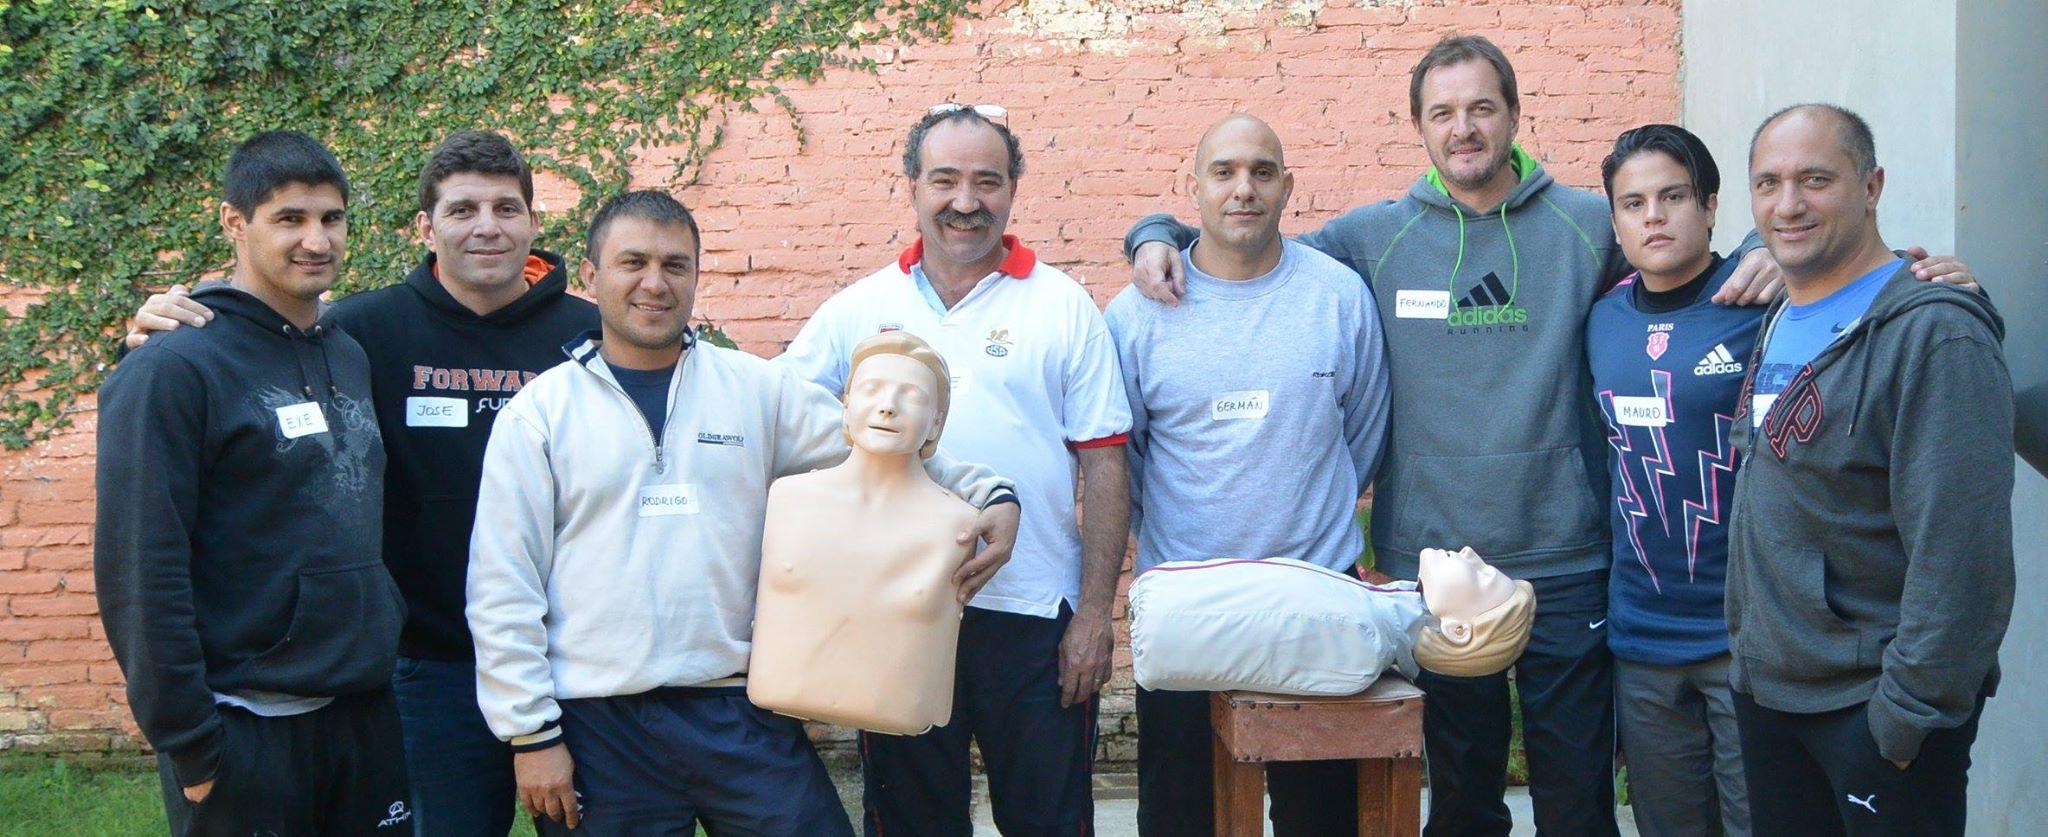 Capacitación del Área Médica SAR en Santa Fe